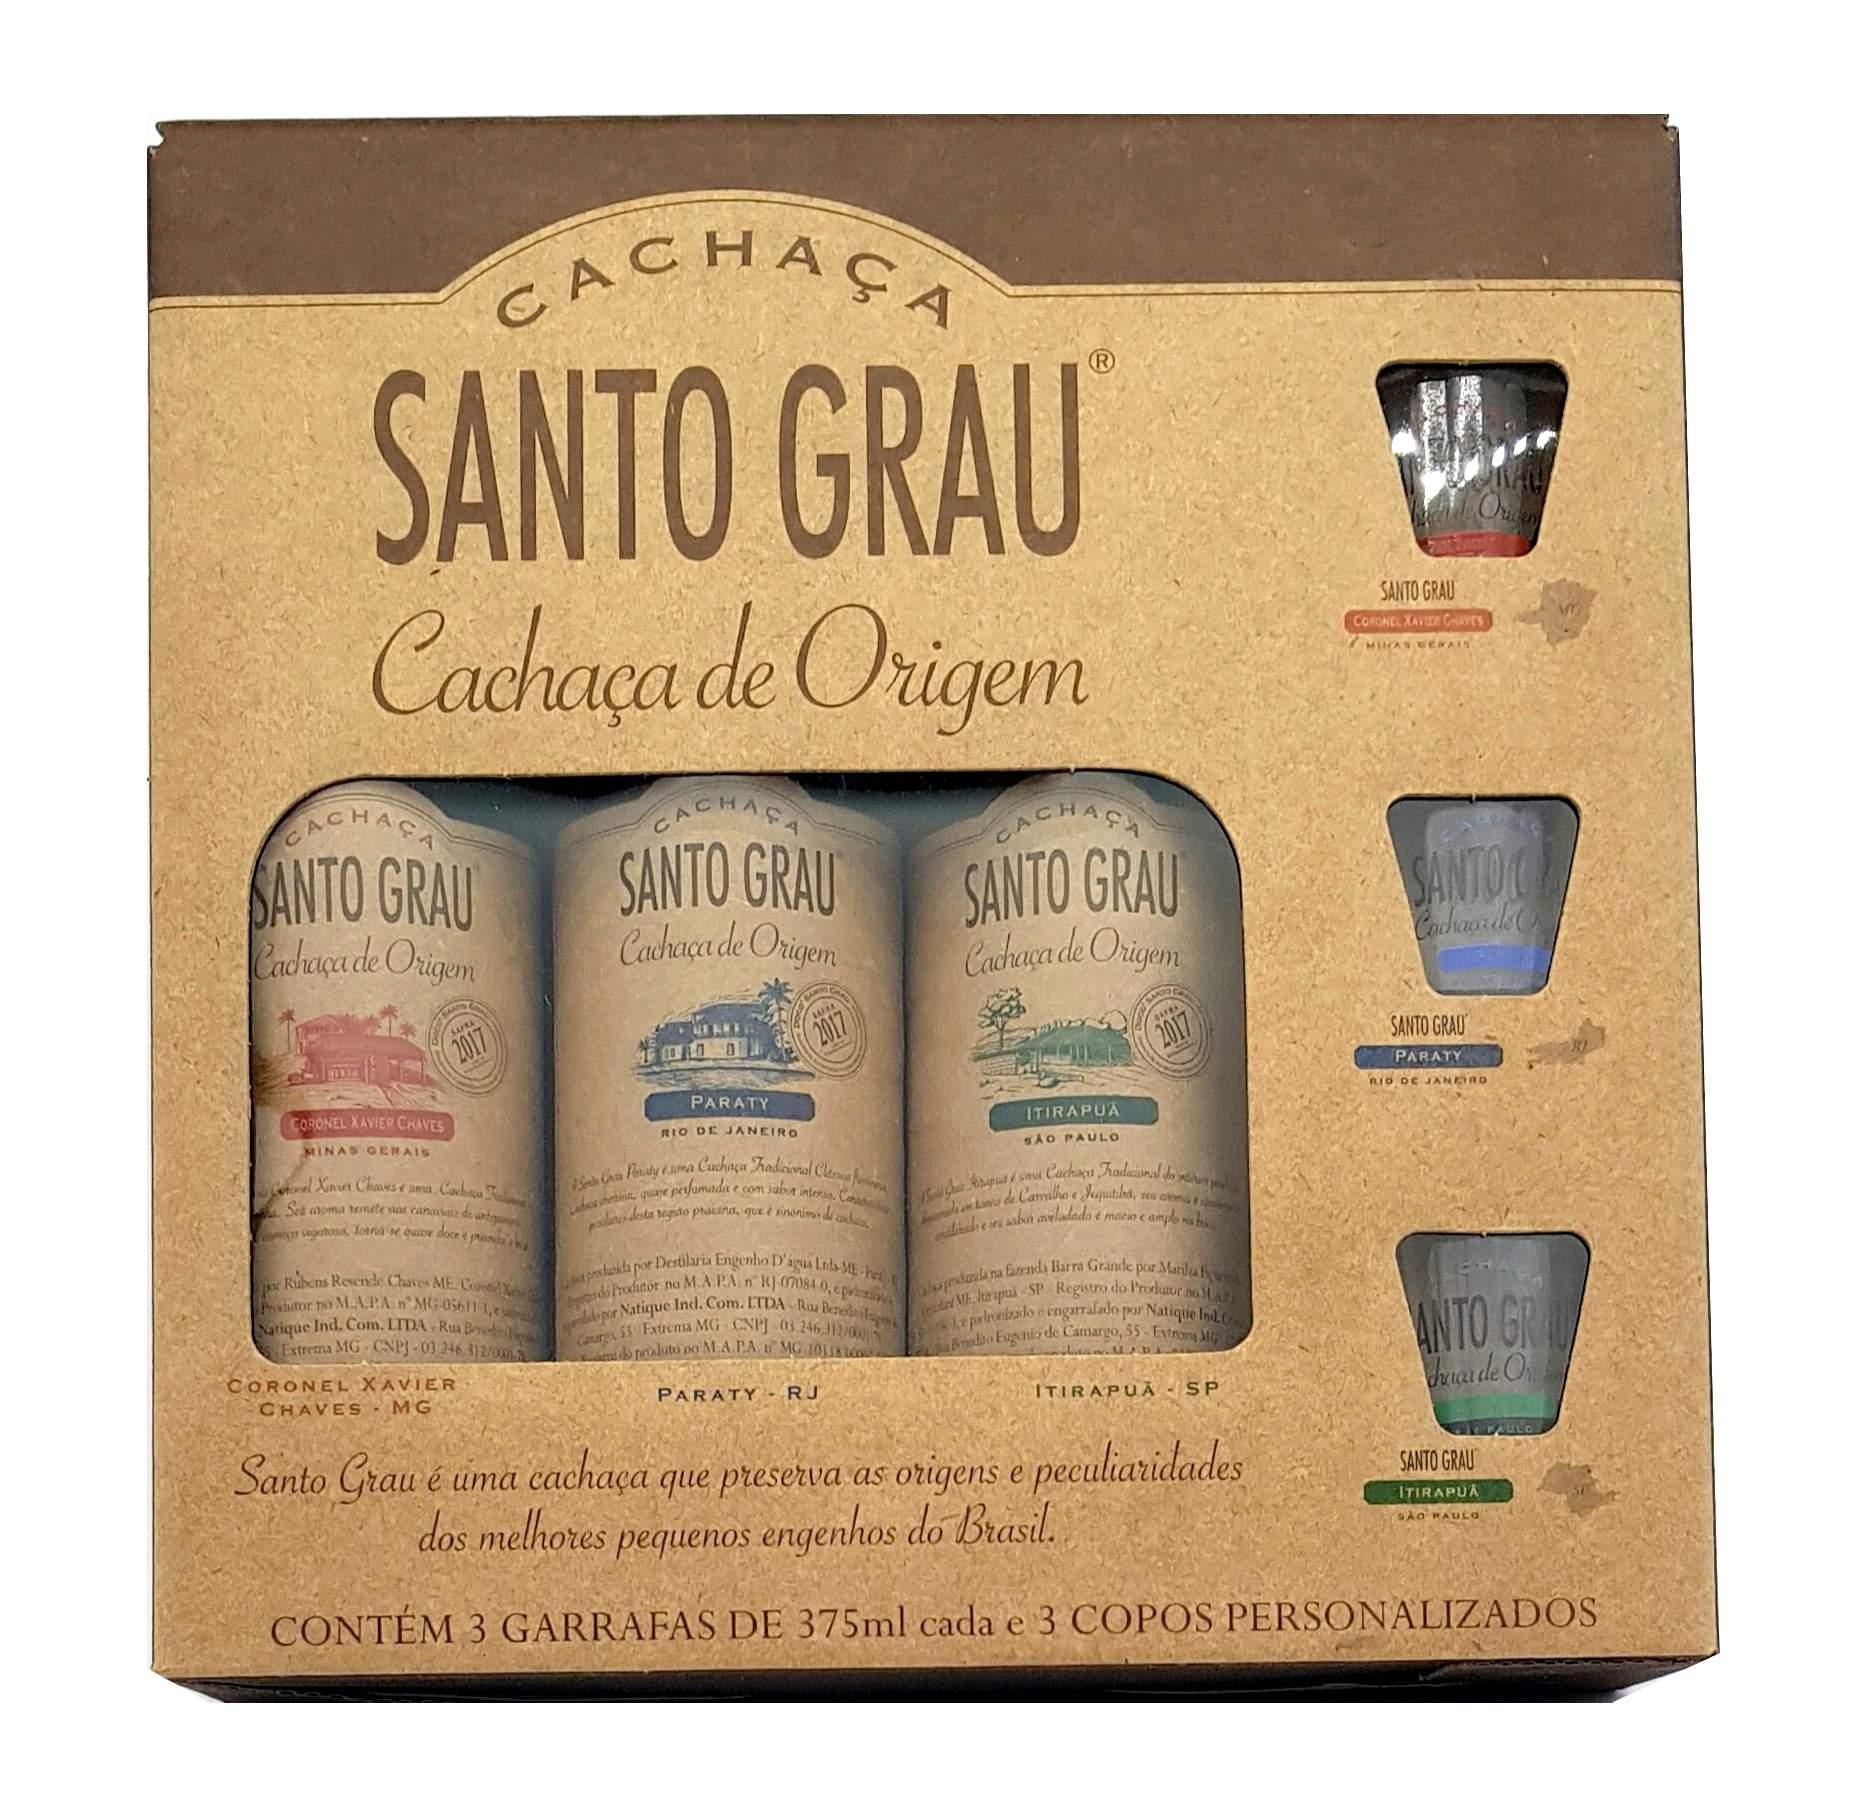 Kit Cachaça Santo Grau C/ 3 Garrafas 375ml